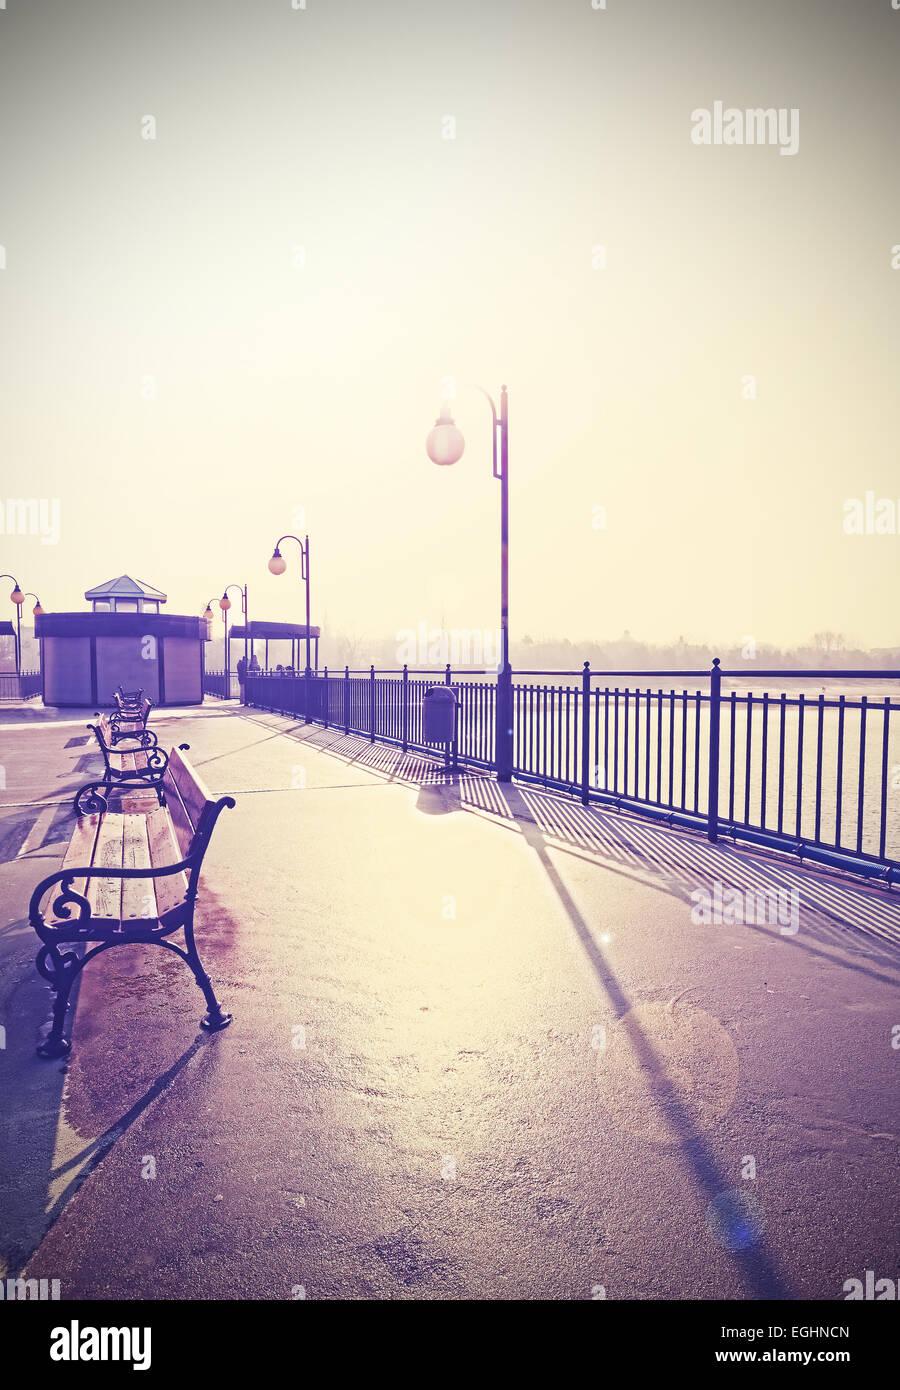 Retro vintage photo nostalgique filtrée de promenade avec des reflets. Photo Stock